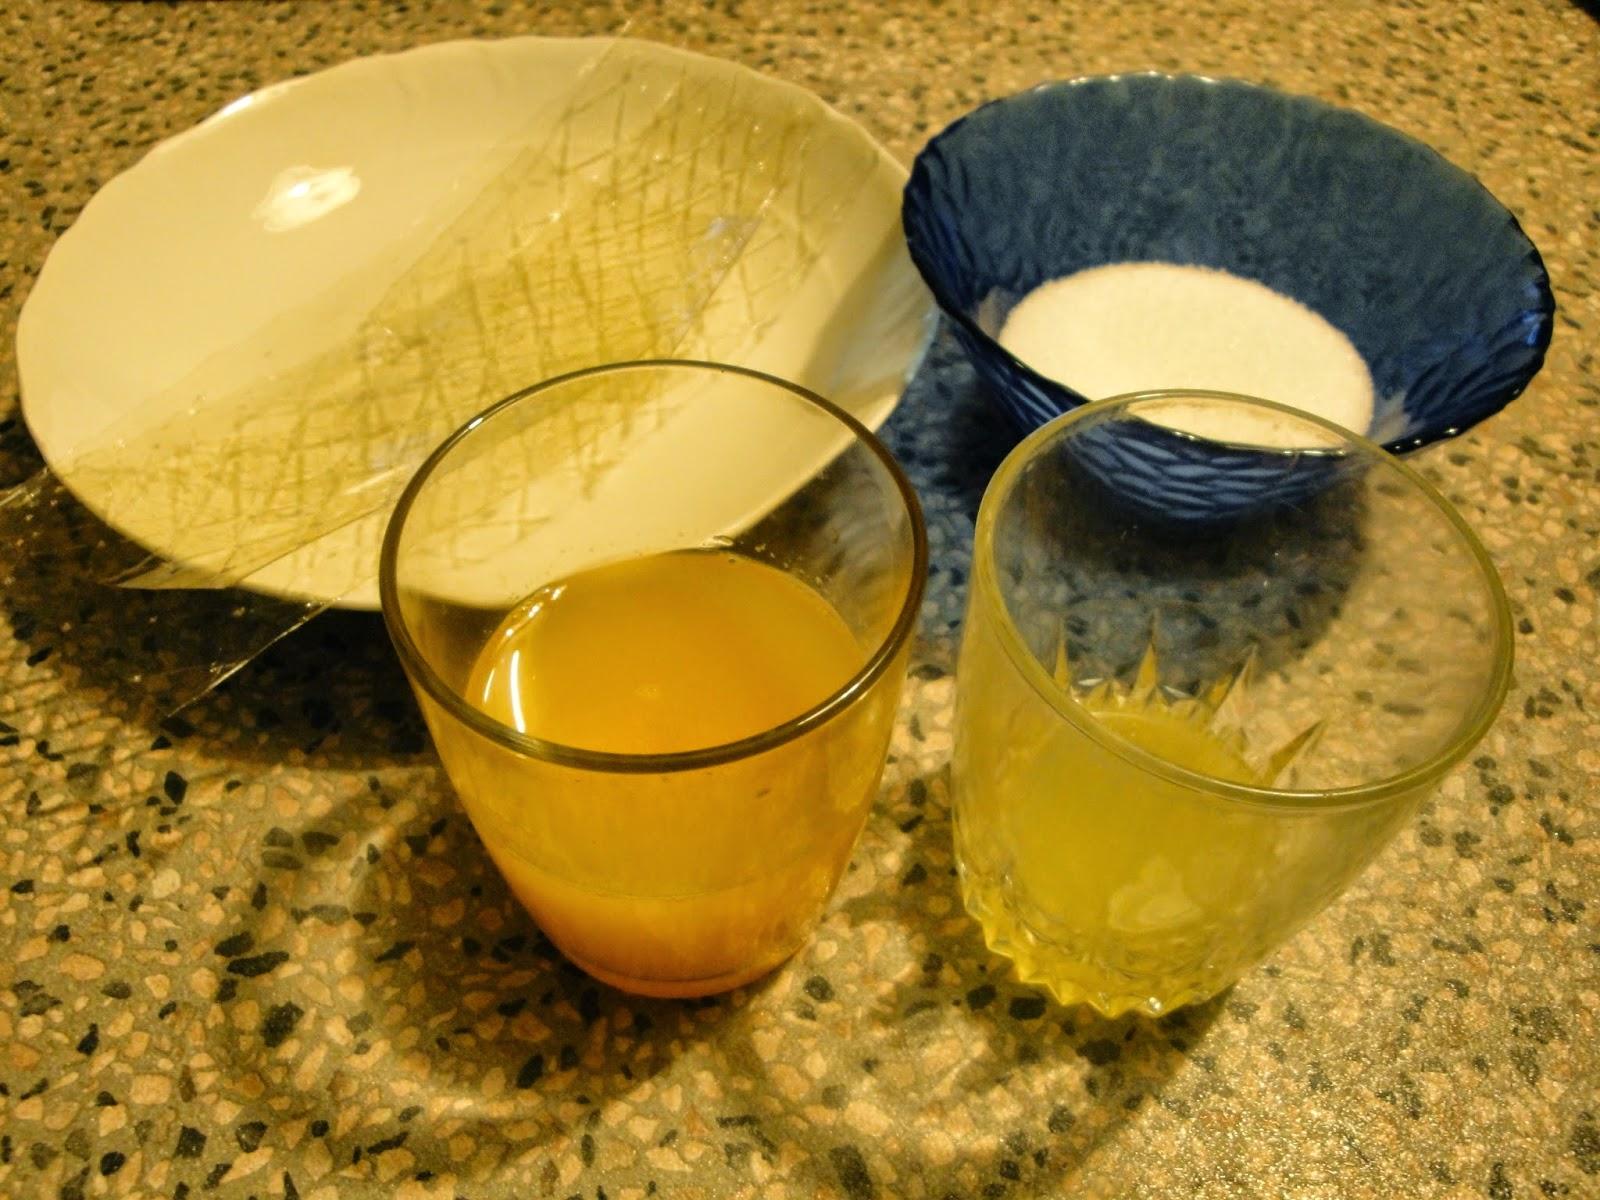 Arcobaleno di zucchero caramelle gelee all 39 arancia - Bagno punta canna sottomarina ...